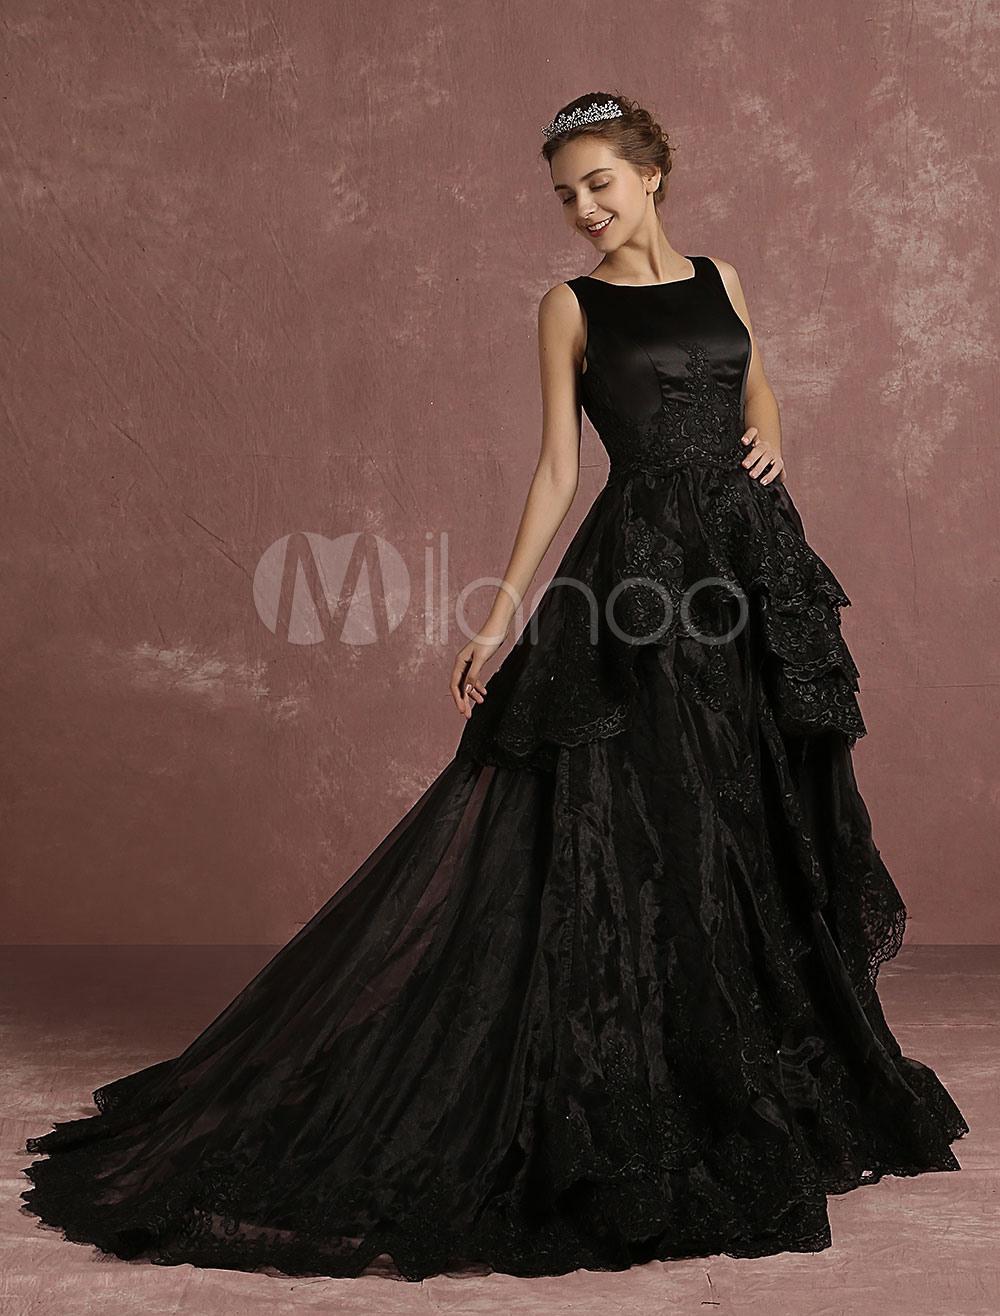 Schwarze Hochzeit Kleid Spitze Applique Brautkleid A Linie Ärmellose  Rundhalsausschnitt Brautkleid Mit Hofschleppe Gestuft